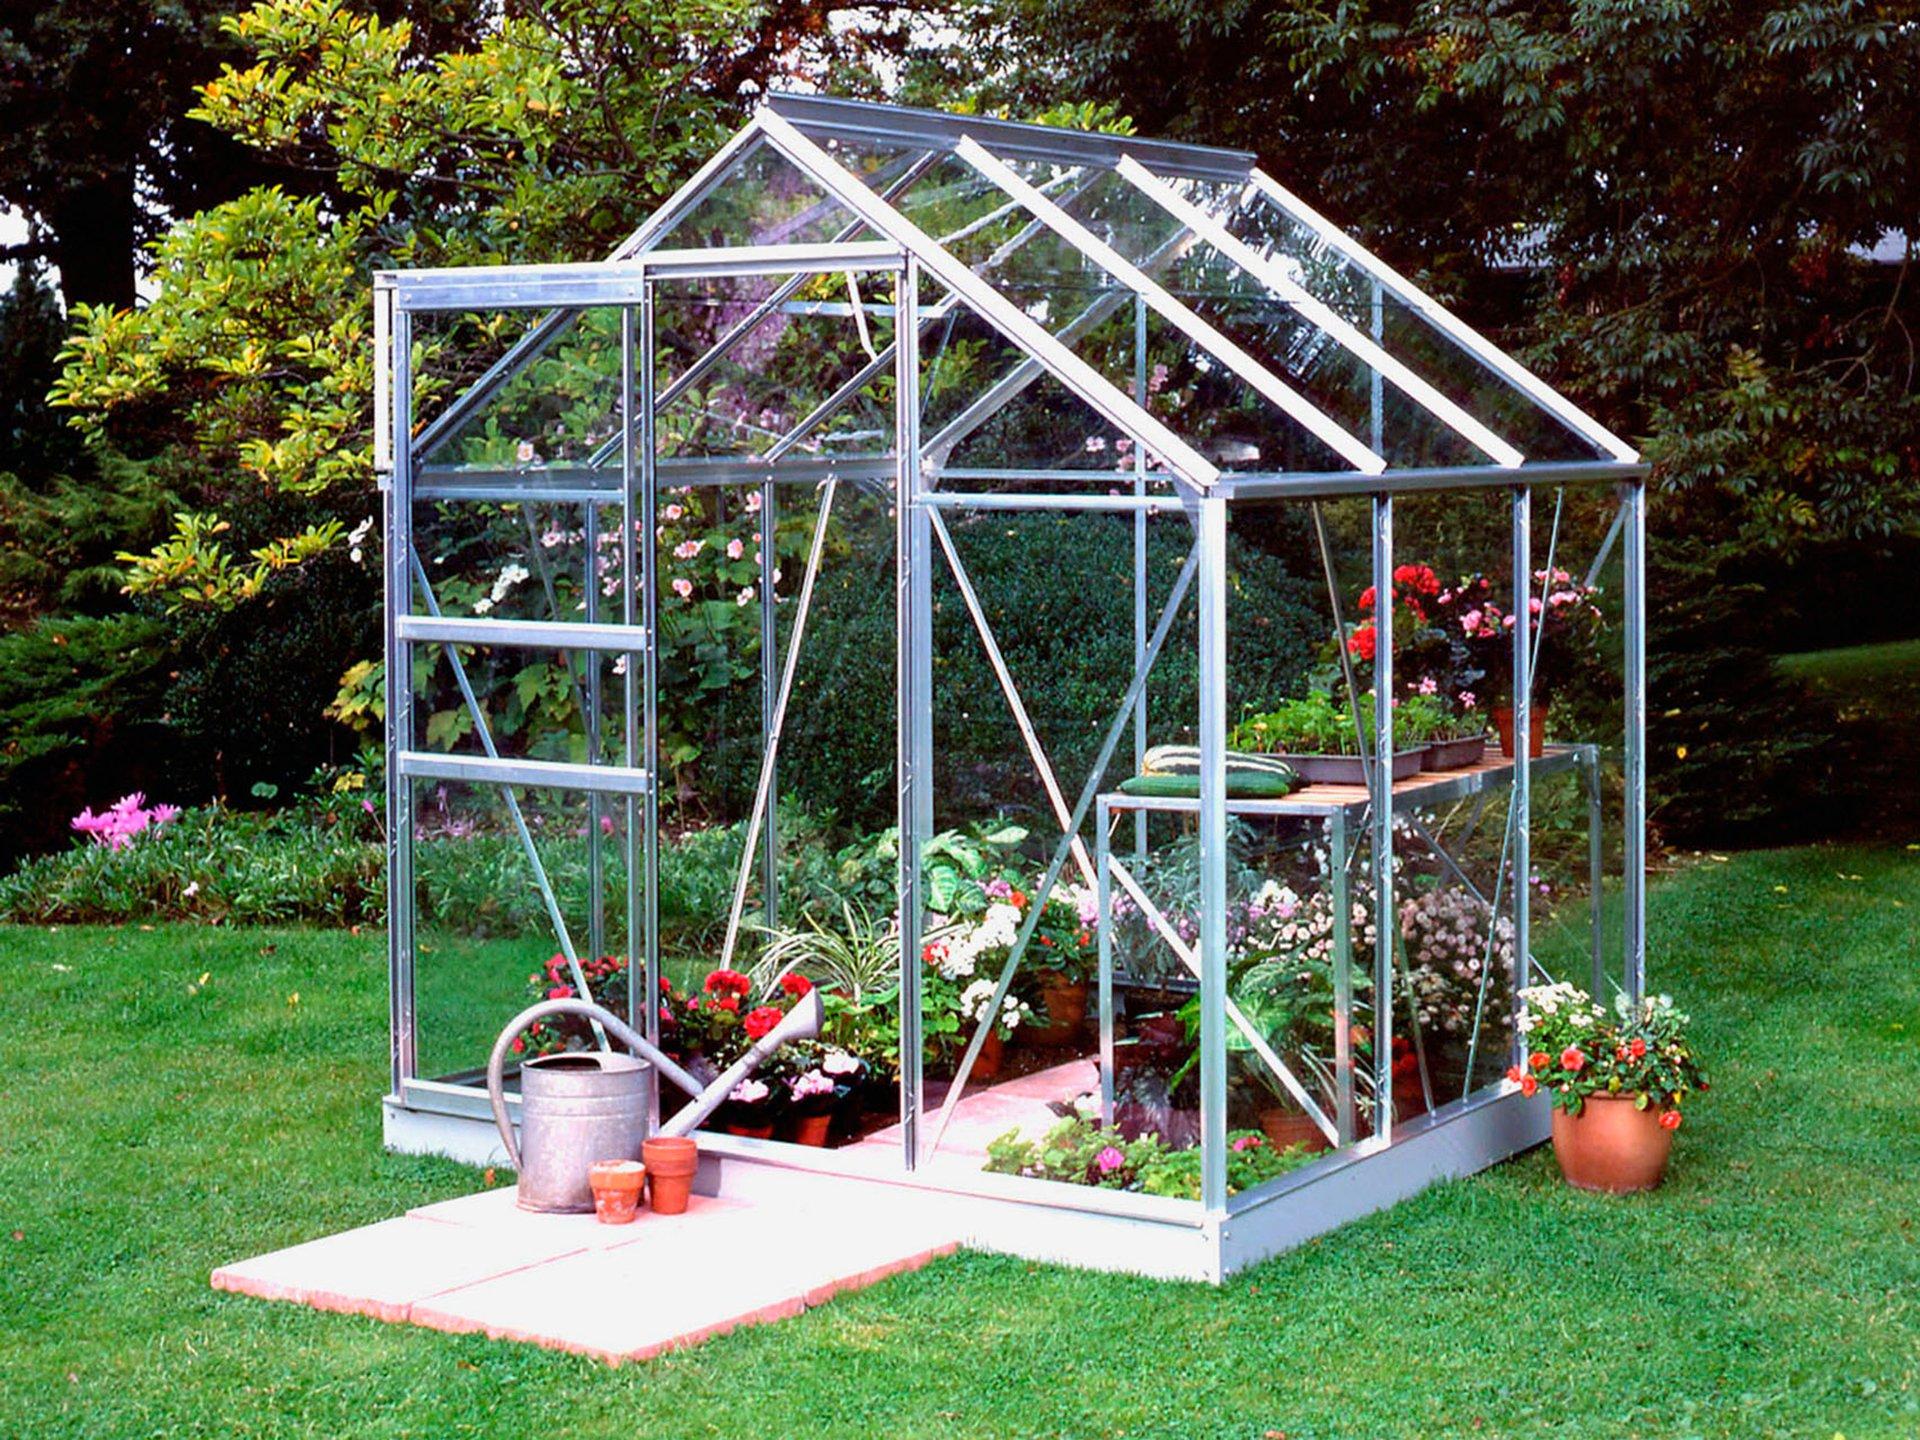 Une serre pour votre jardin? Hubo propose + de 120 modèles | Hubo